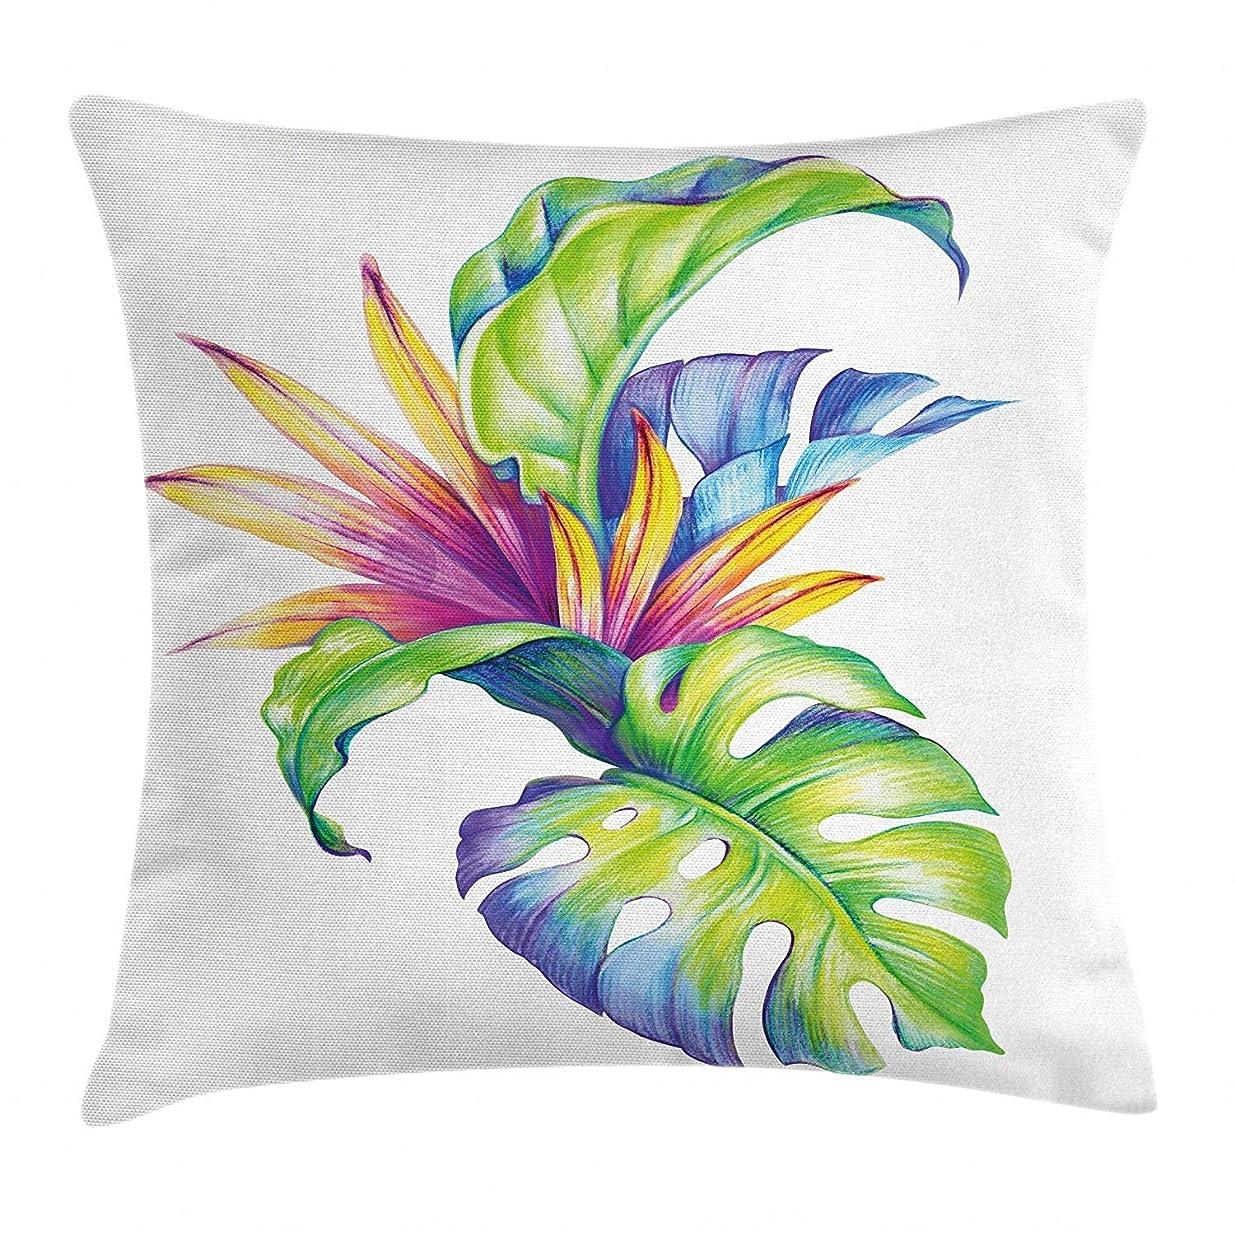 集まるためらう食用熱帯の葉と抽象的な着色されたスキームハワイアン花要素装飾的な正方形の枕カバー多色、45x45とモンステラの植物枕クッションセット